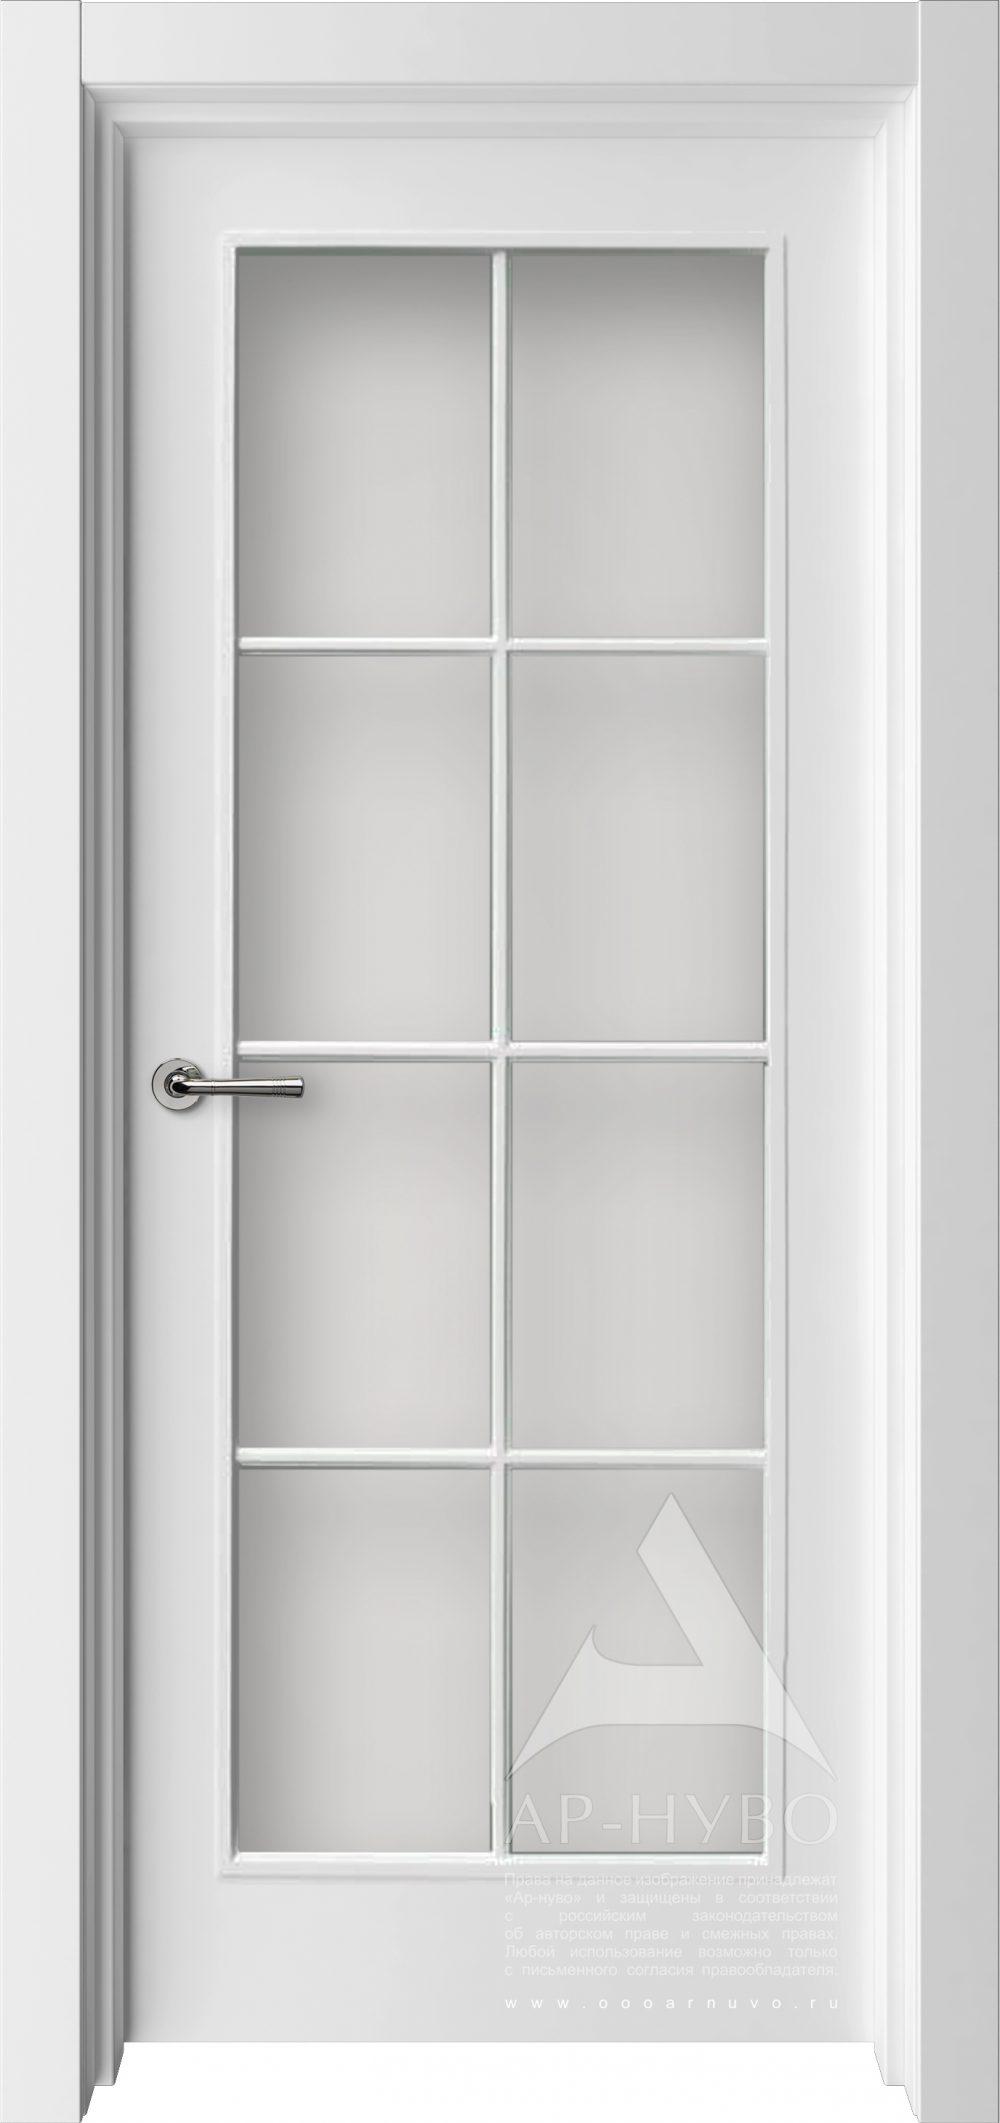 белая межкомнатная дверь французская с решеткой стекло на всю выосту